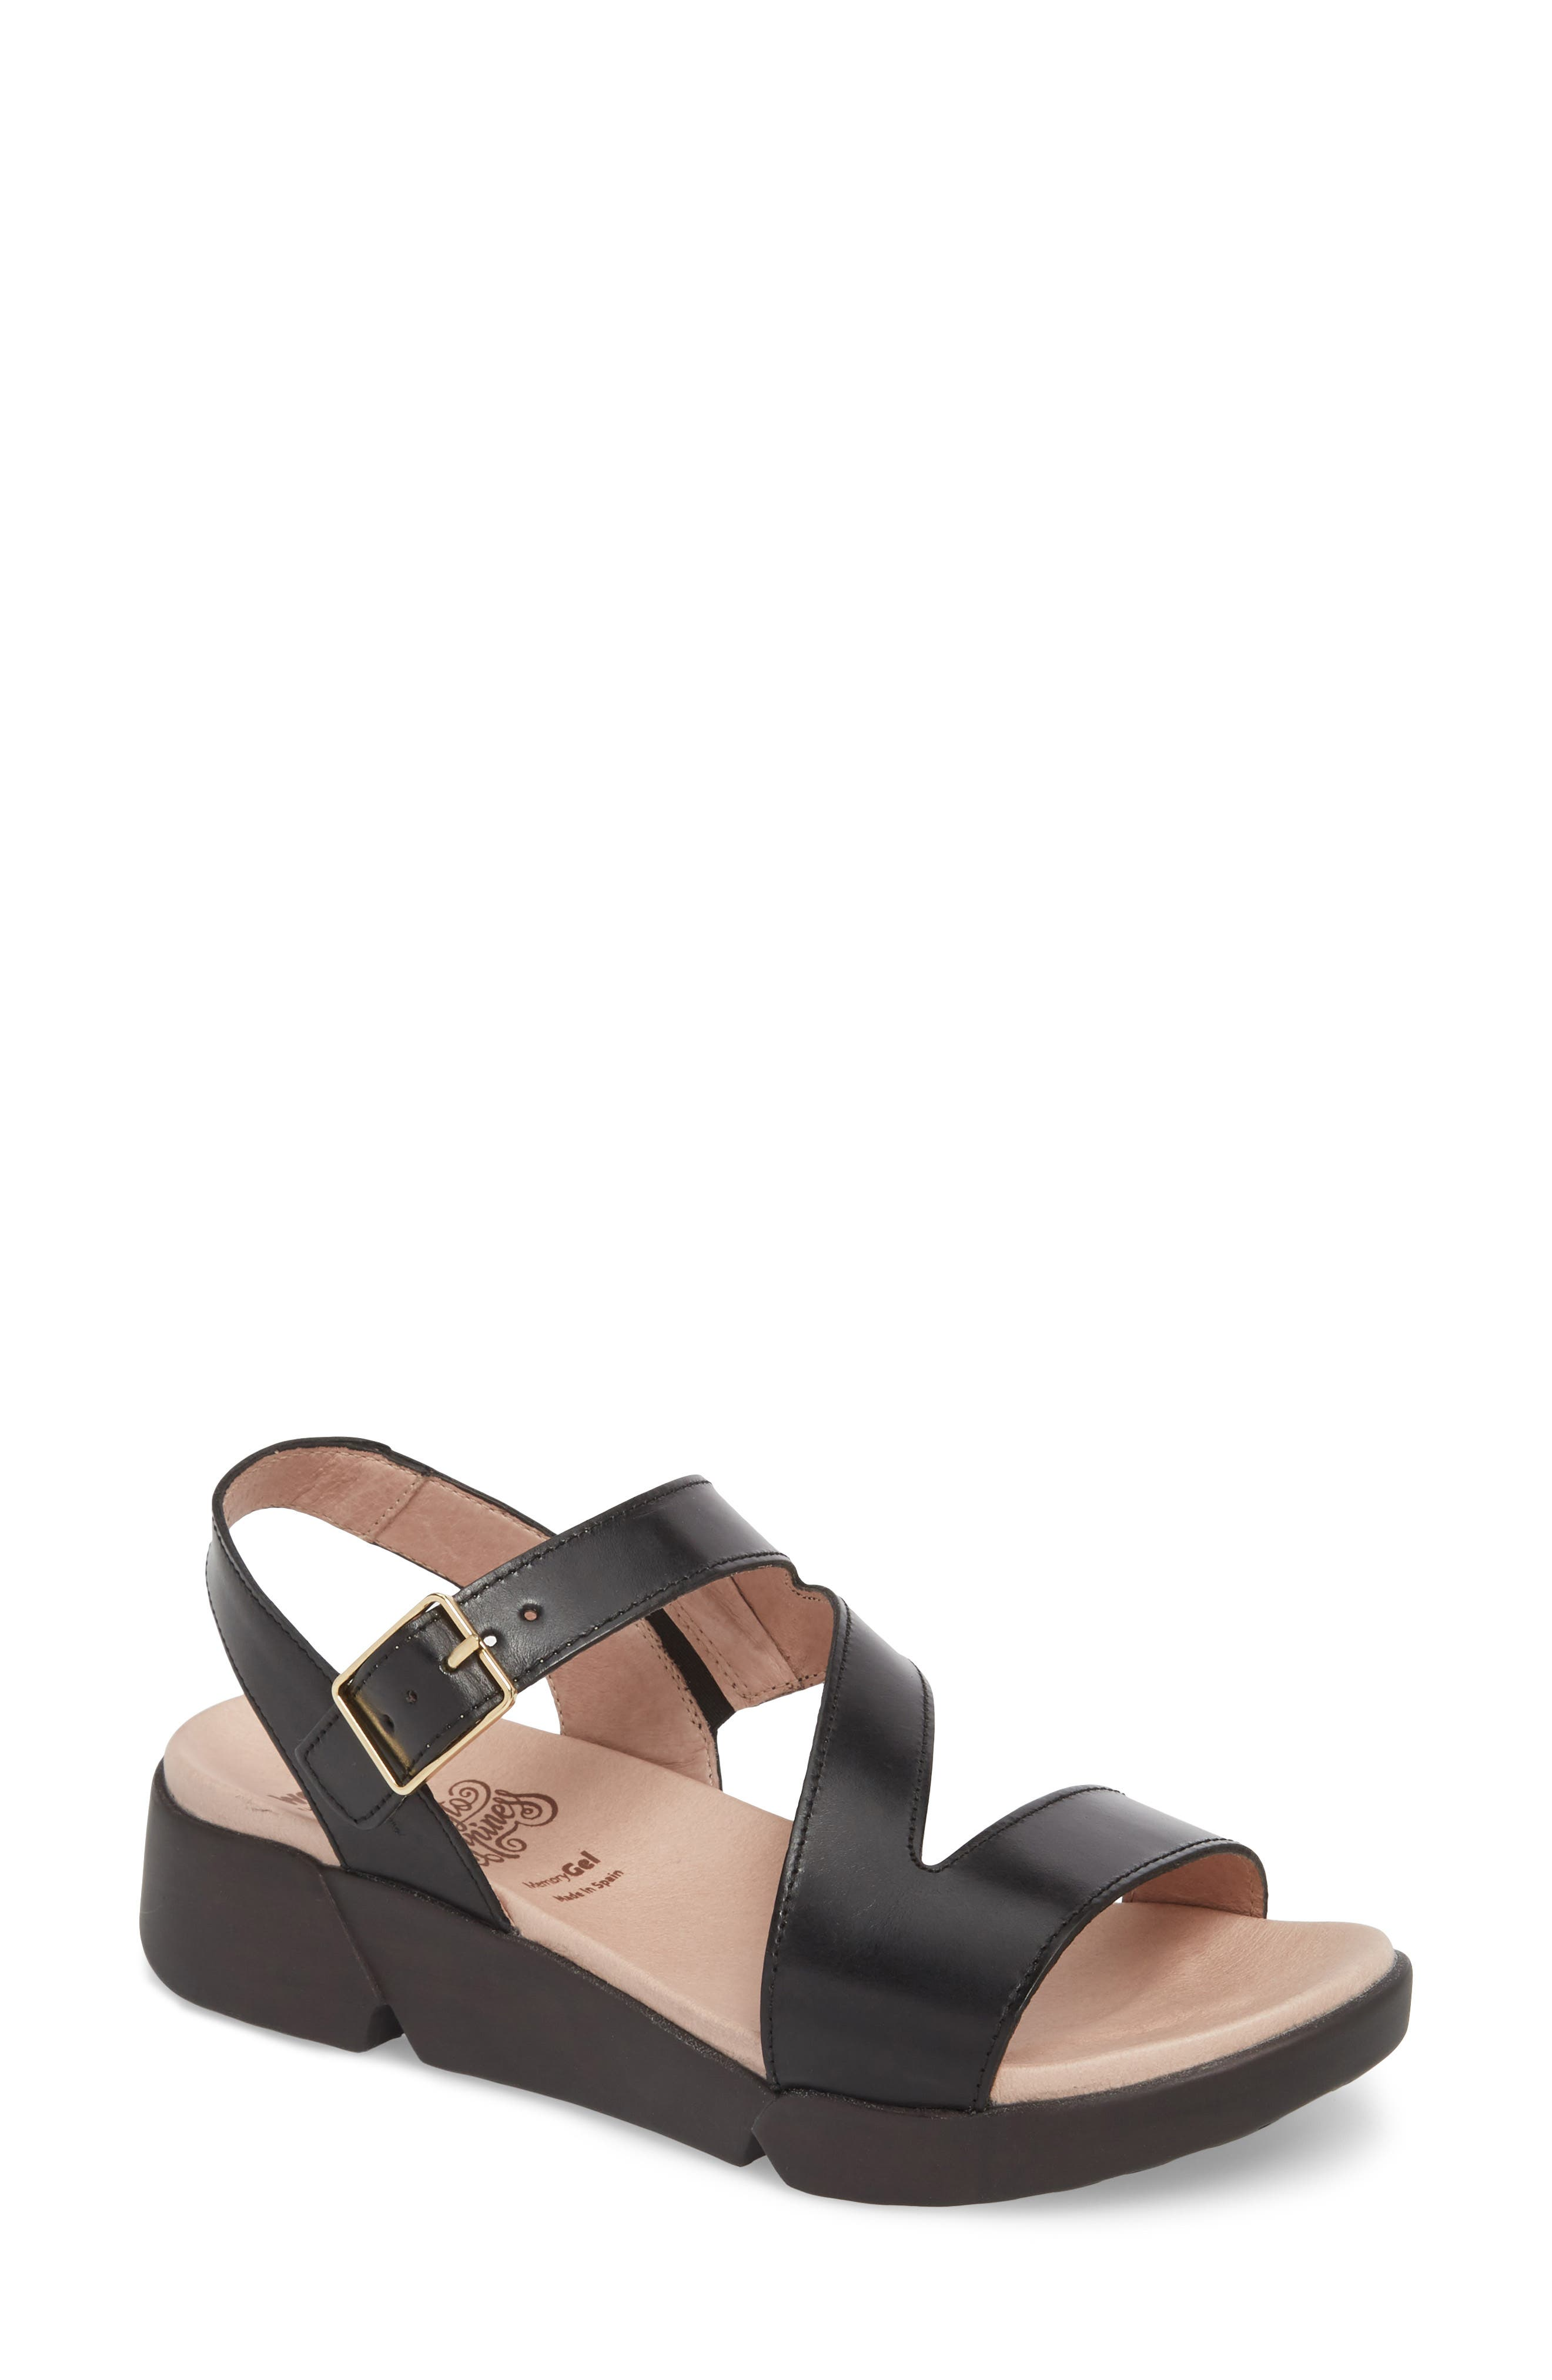 Platform Wedge Sandal,                         Main,                         color, Black Leather